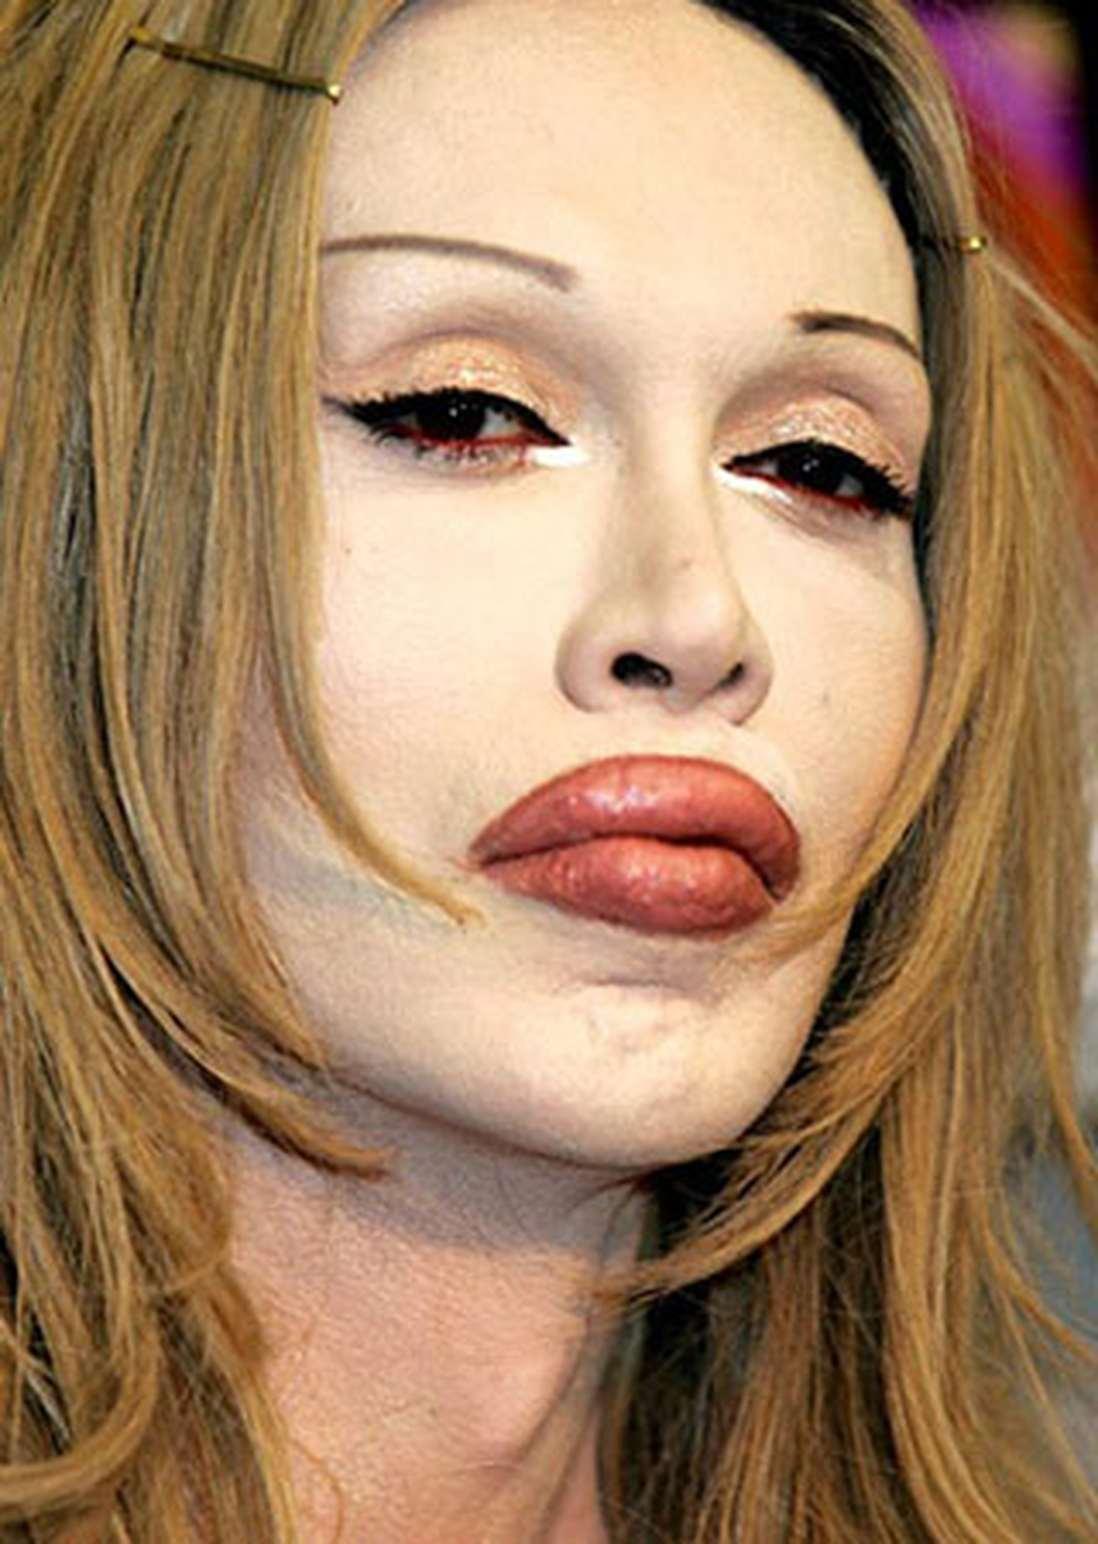 Трансвеститы и макияж 13 фотография